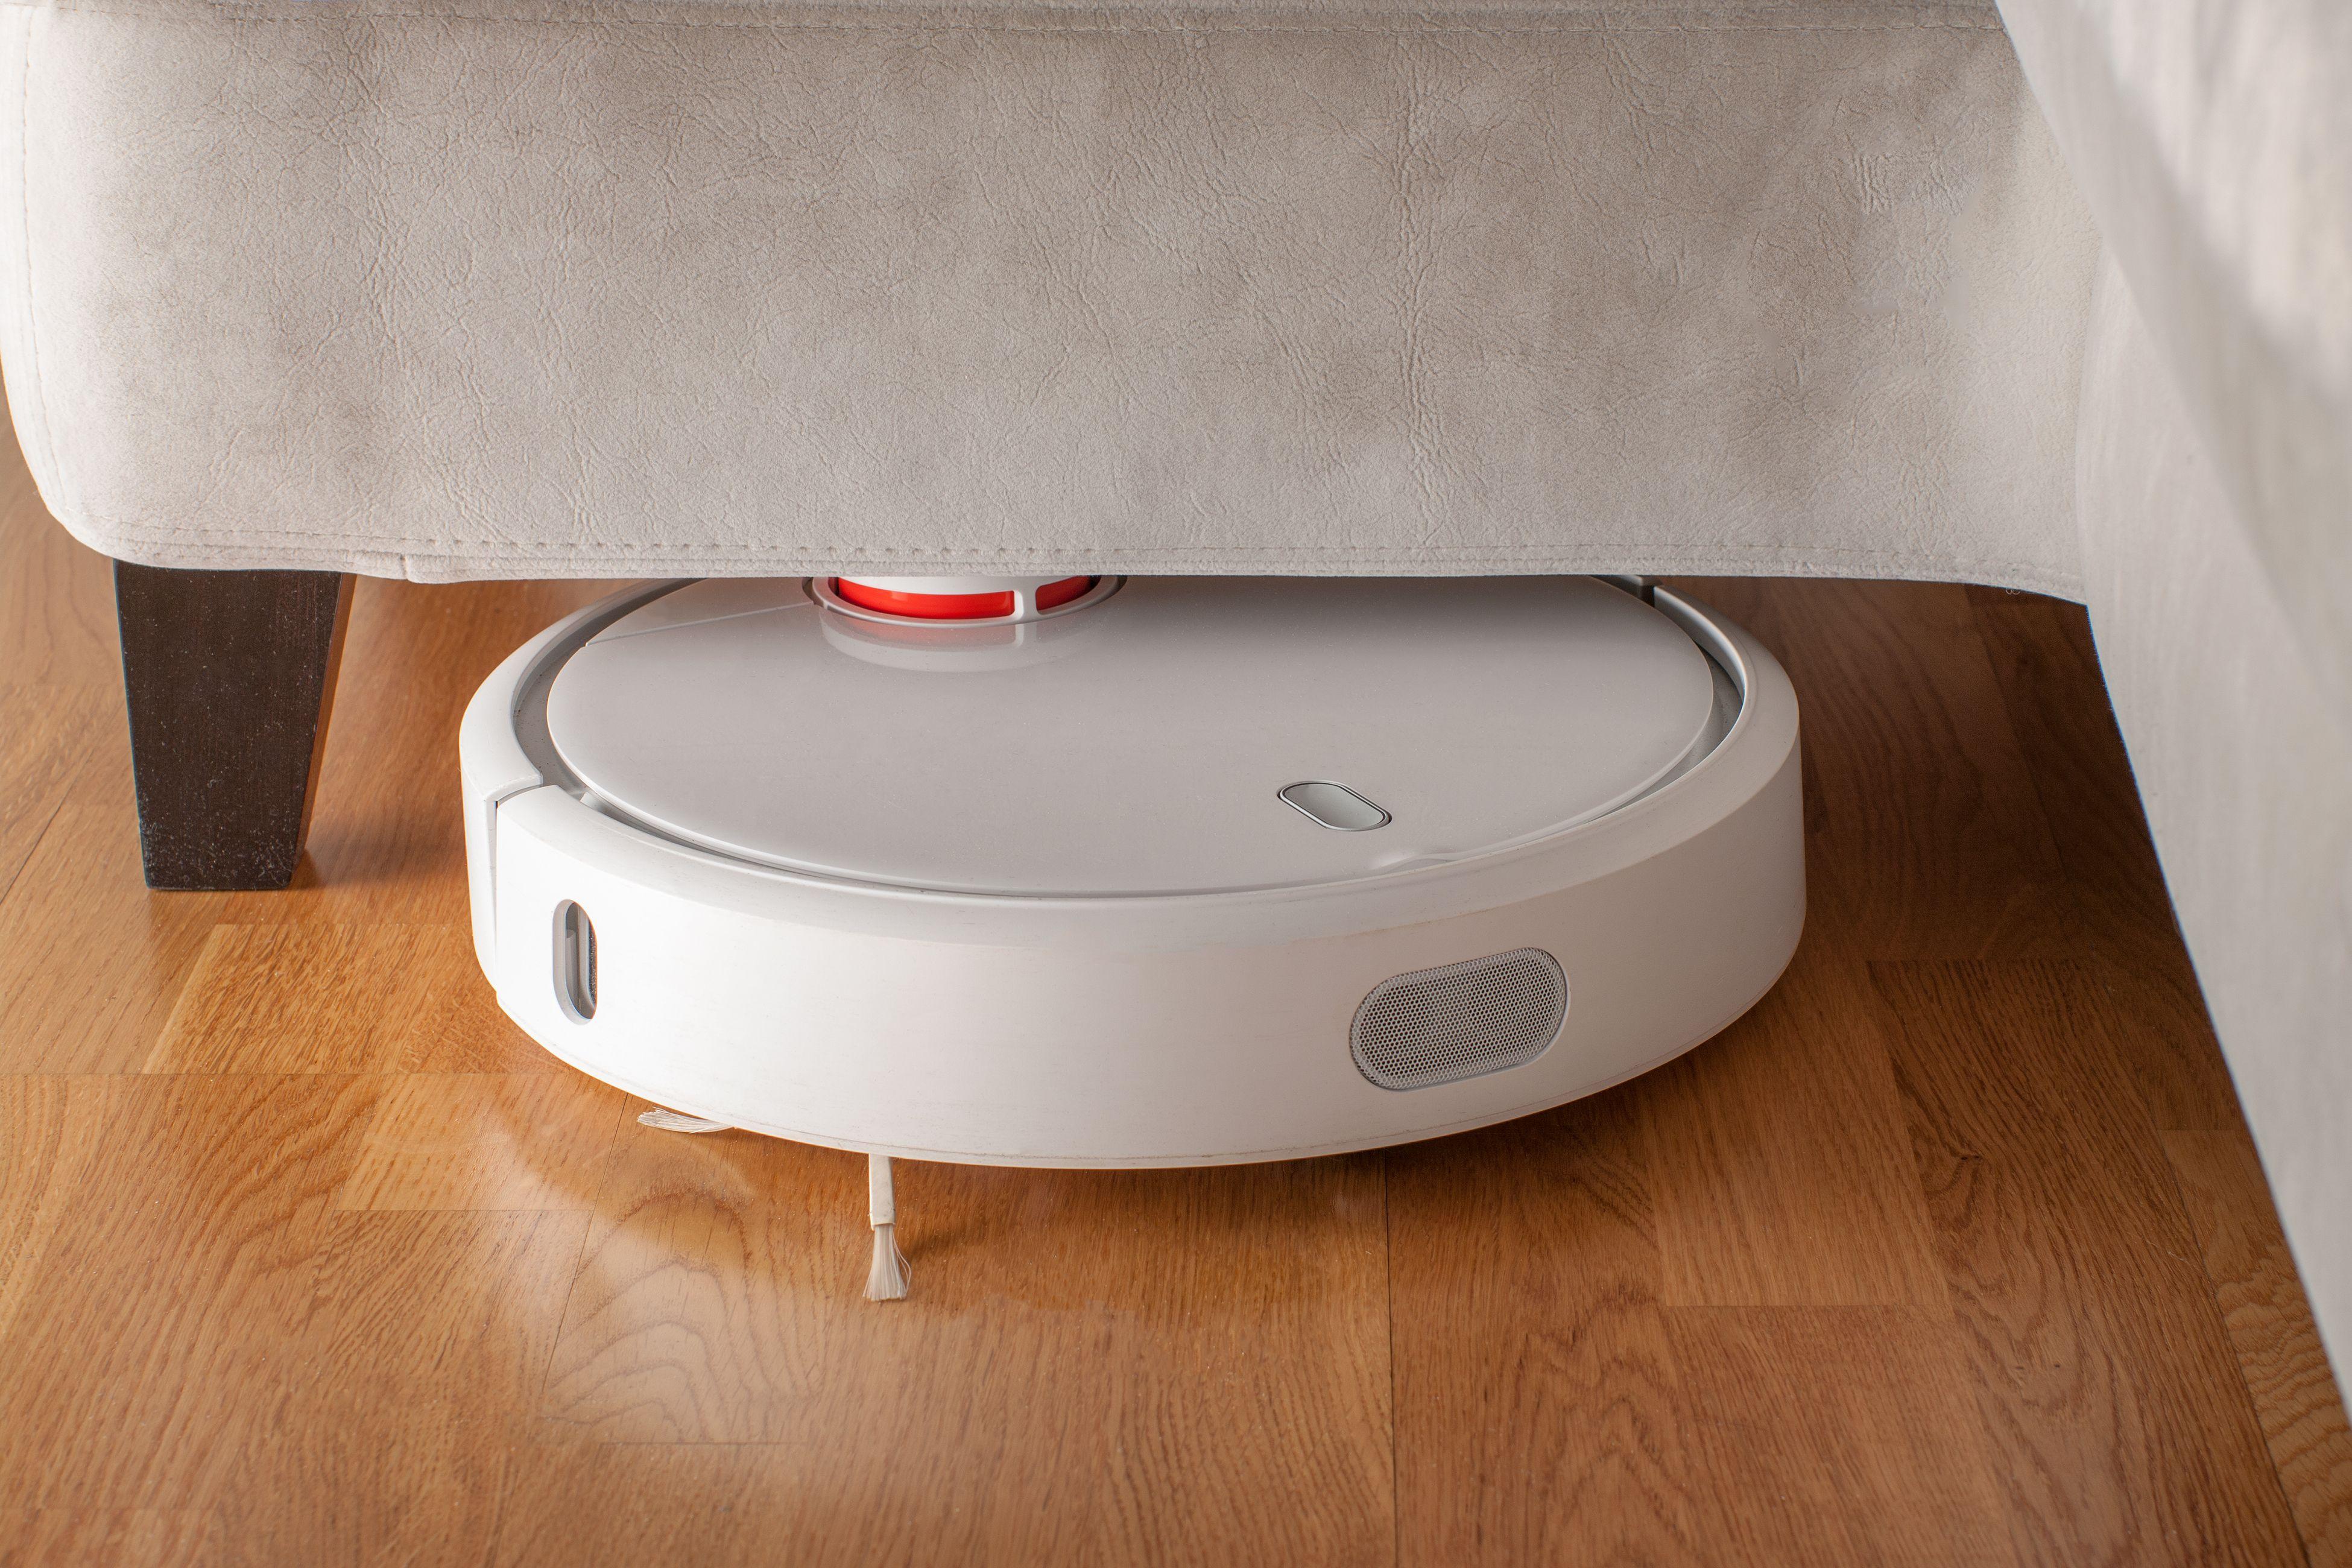 iRobot Roomba 698 robotstøvsuger 43371505 Støvsuger og